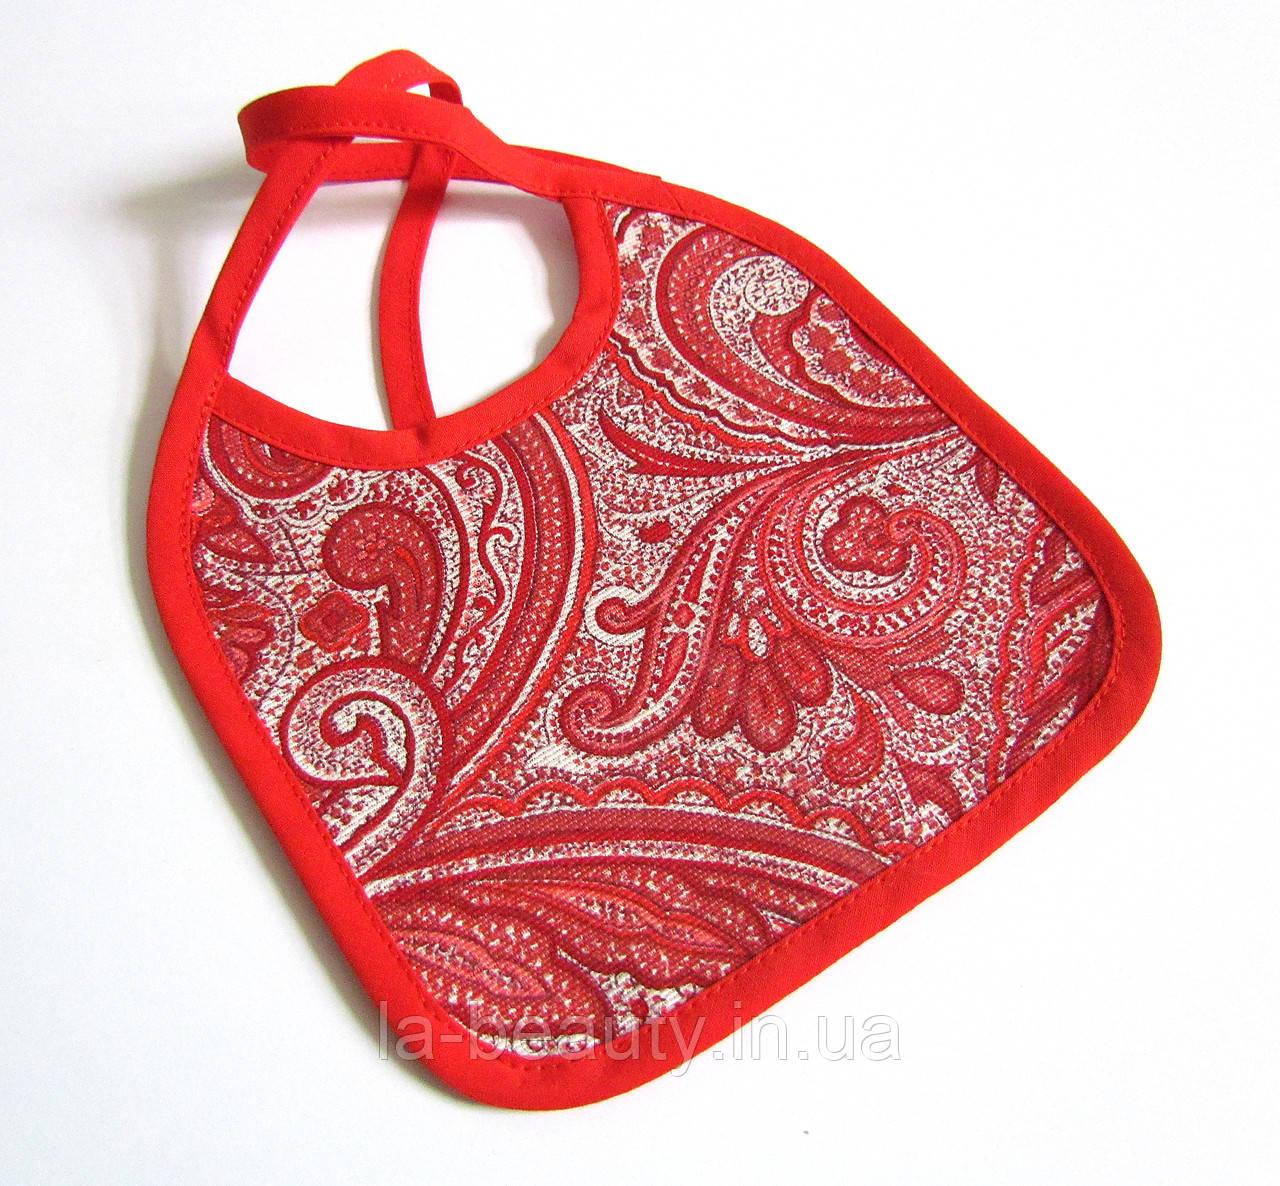 Нагрудник / слюнявчик для собак мелких пород водонепроницаемый Азия красный